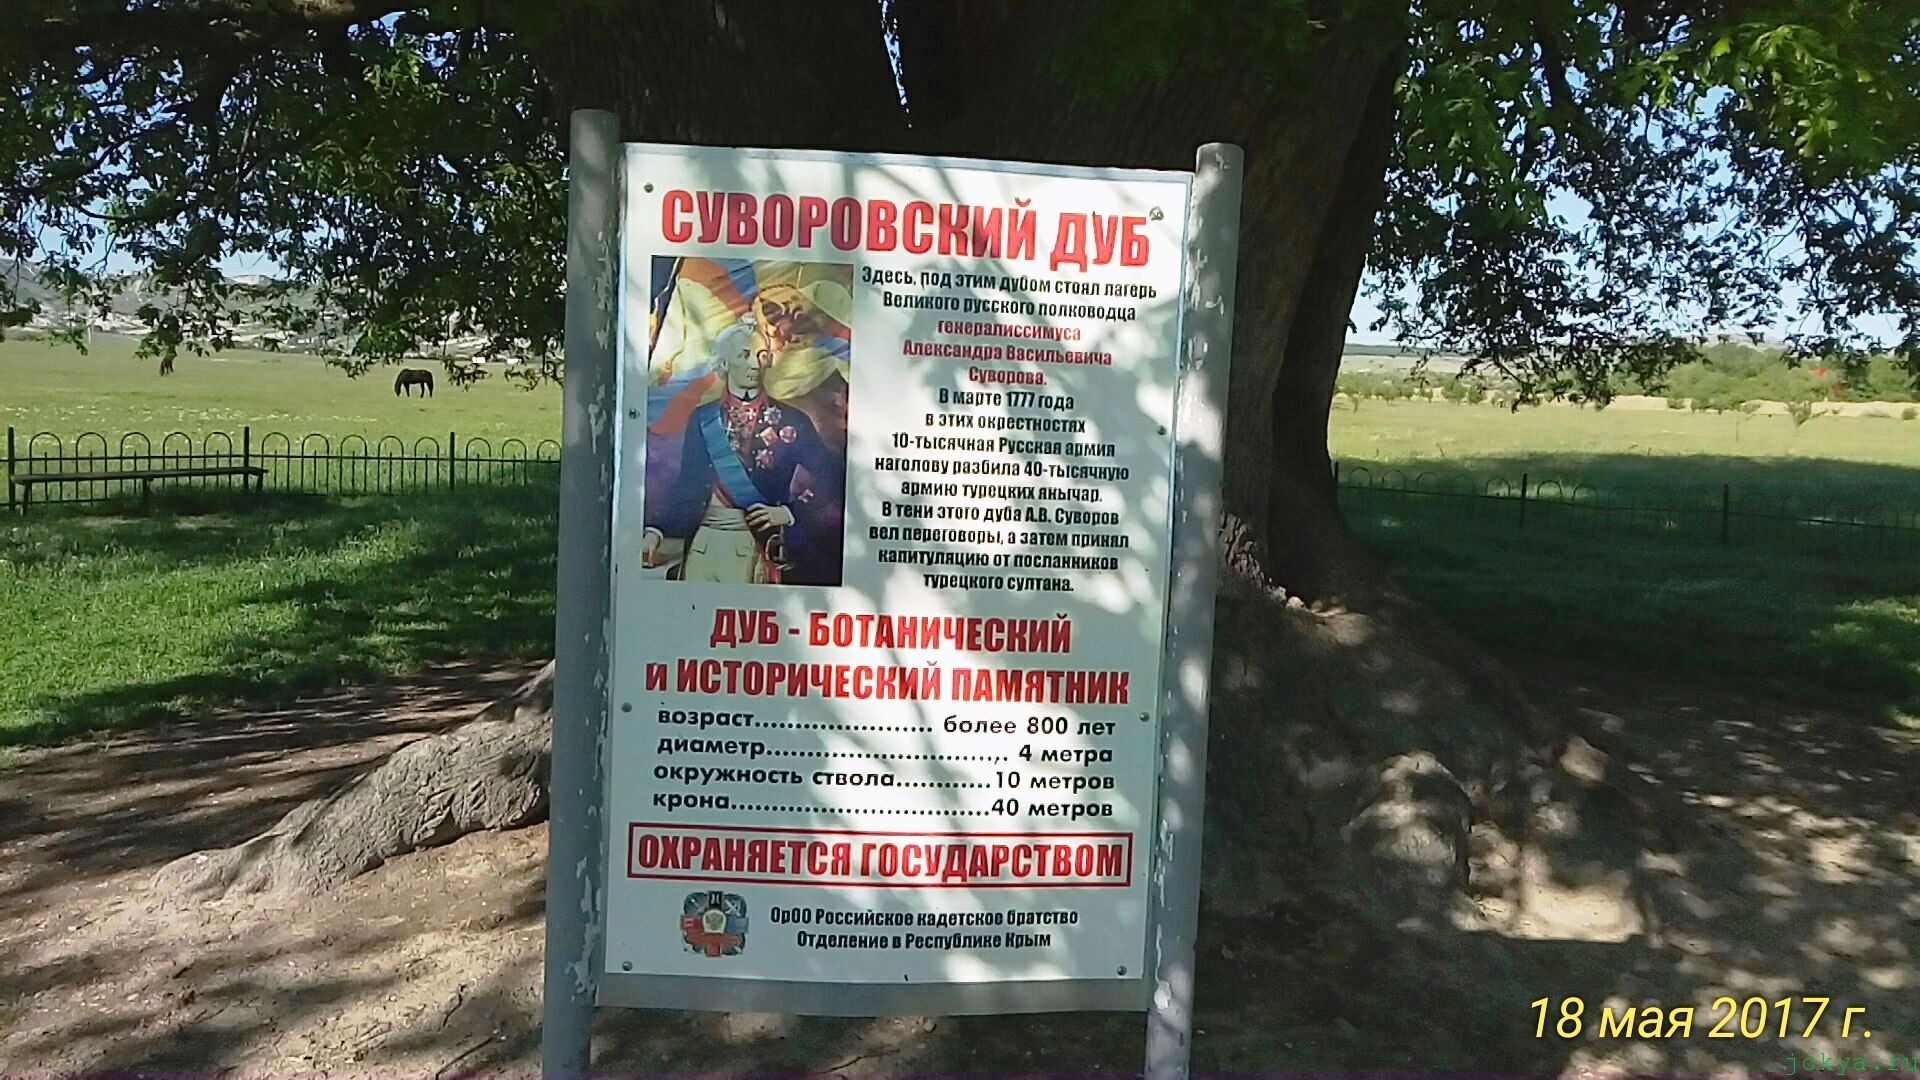 Суворовский дуб в Крыму Белогорск фото заметка о моей реальности в Крыму jokya.ru